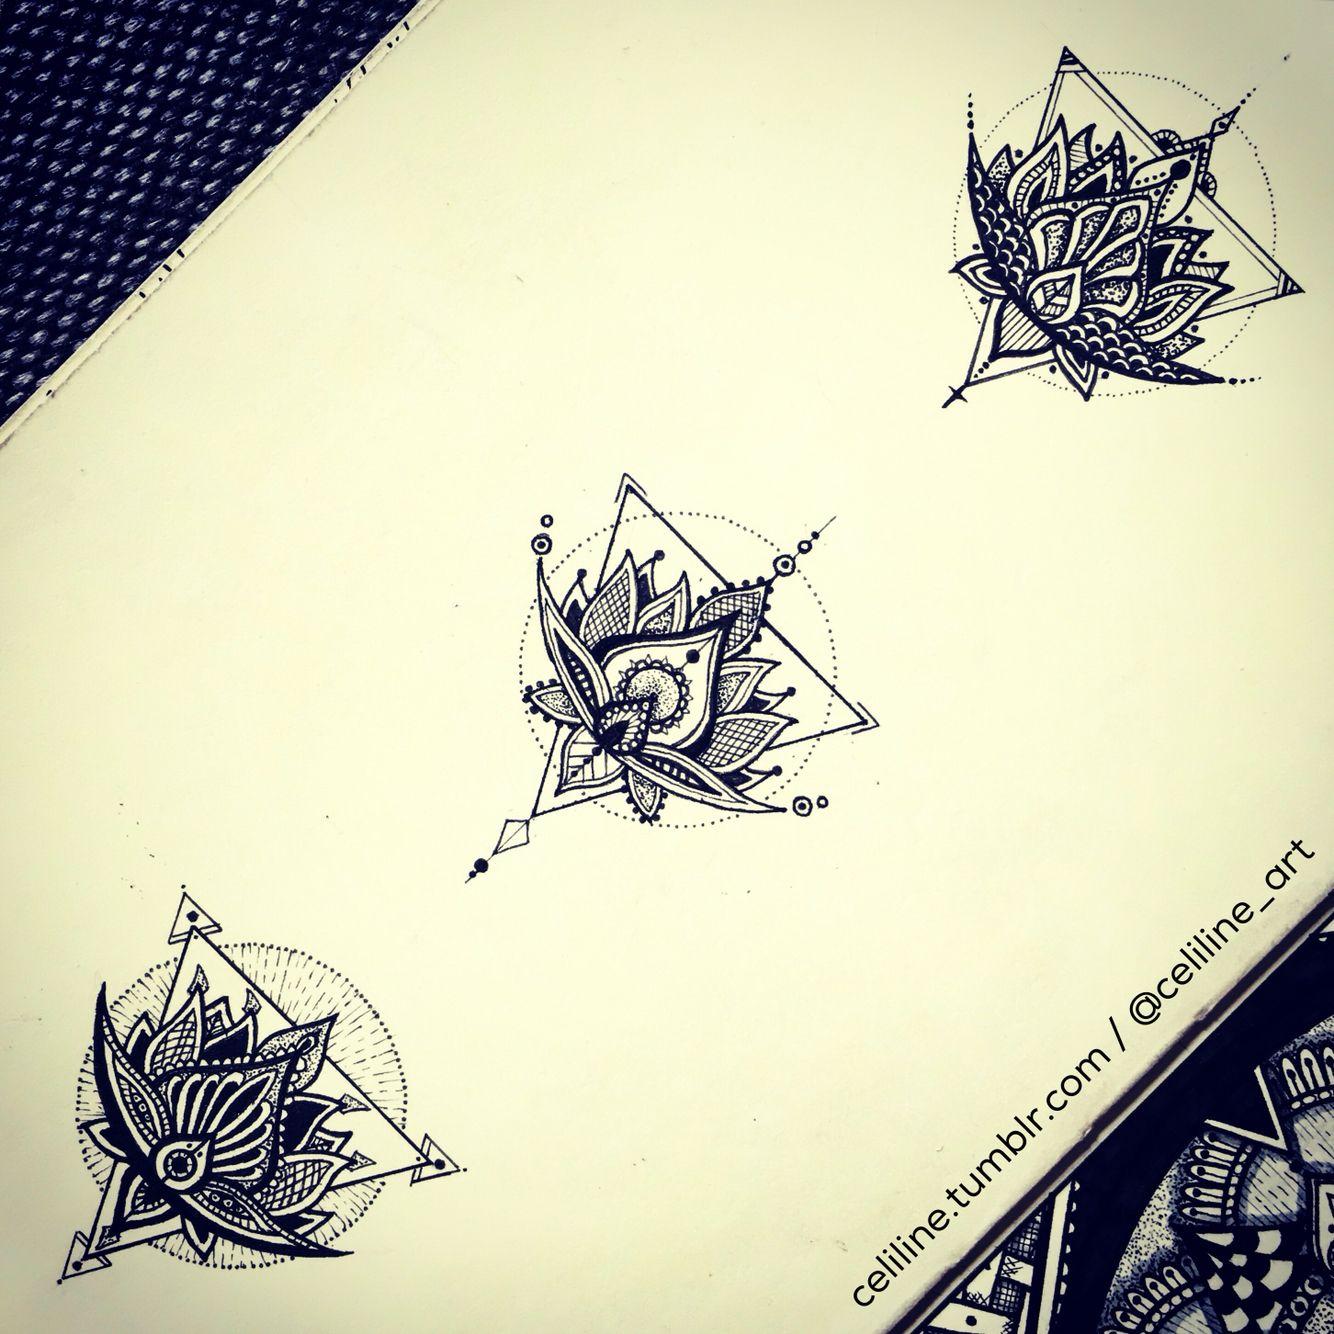 Lotus FLOWER variations - zentangle, Doodle, Artwork, drawing, tattoo idea, tattoo design, zen, black, sketchbook, doodling, zendoodle, art piece